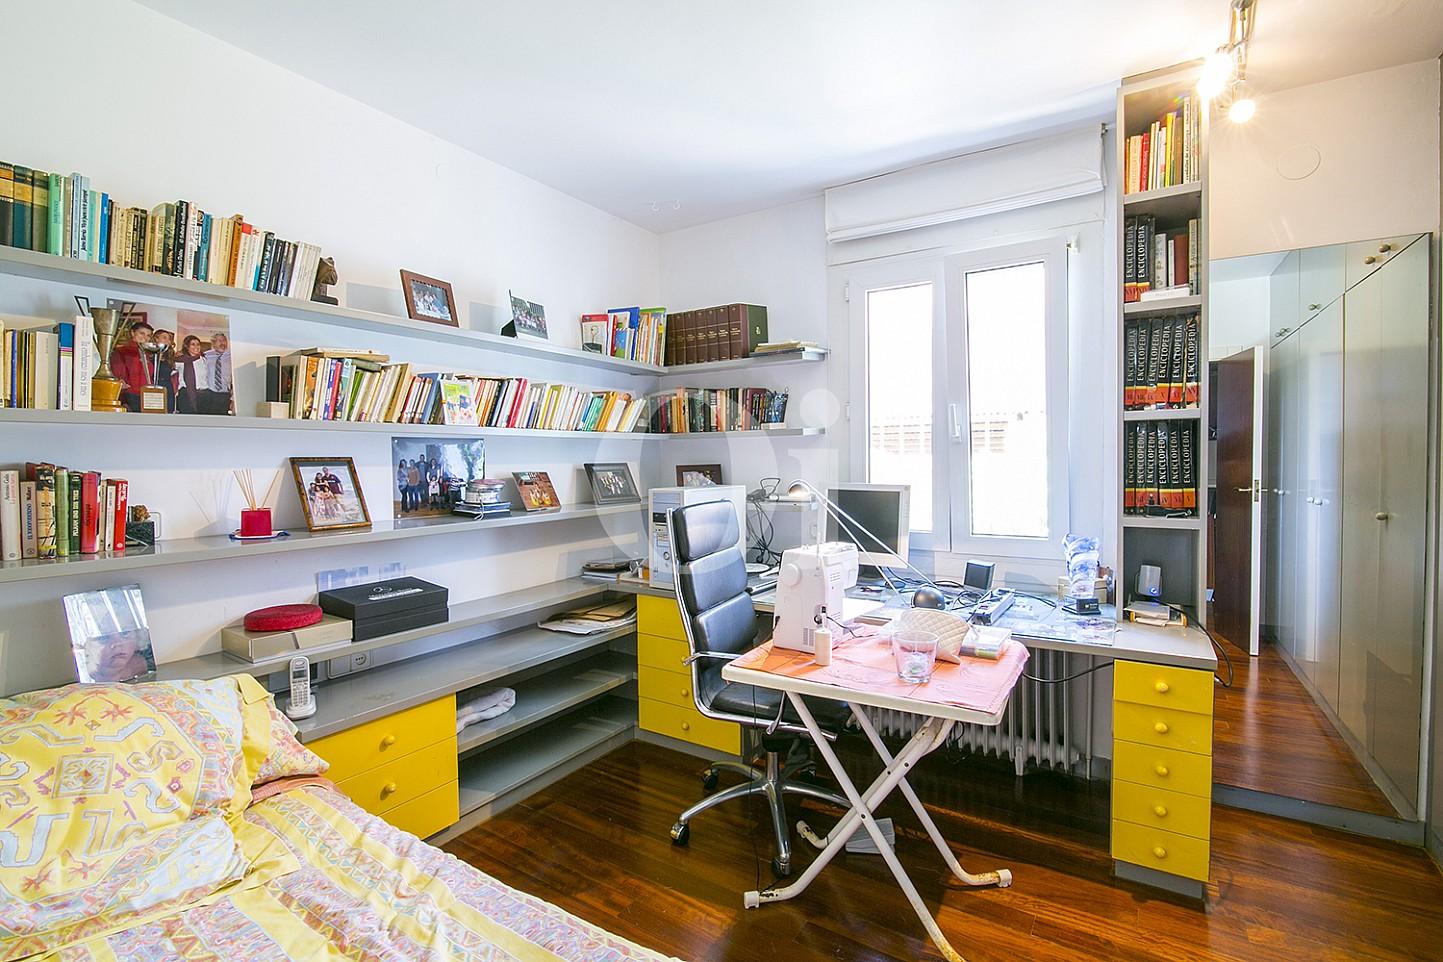 Sensacional habitación doble con una cama individual y luminosas vistas al exterior en casa en venta en Cabrils